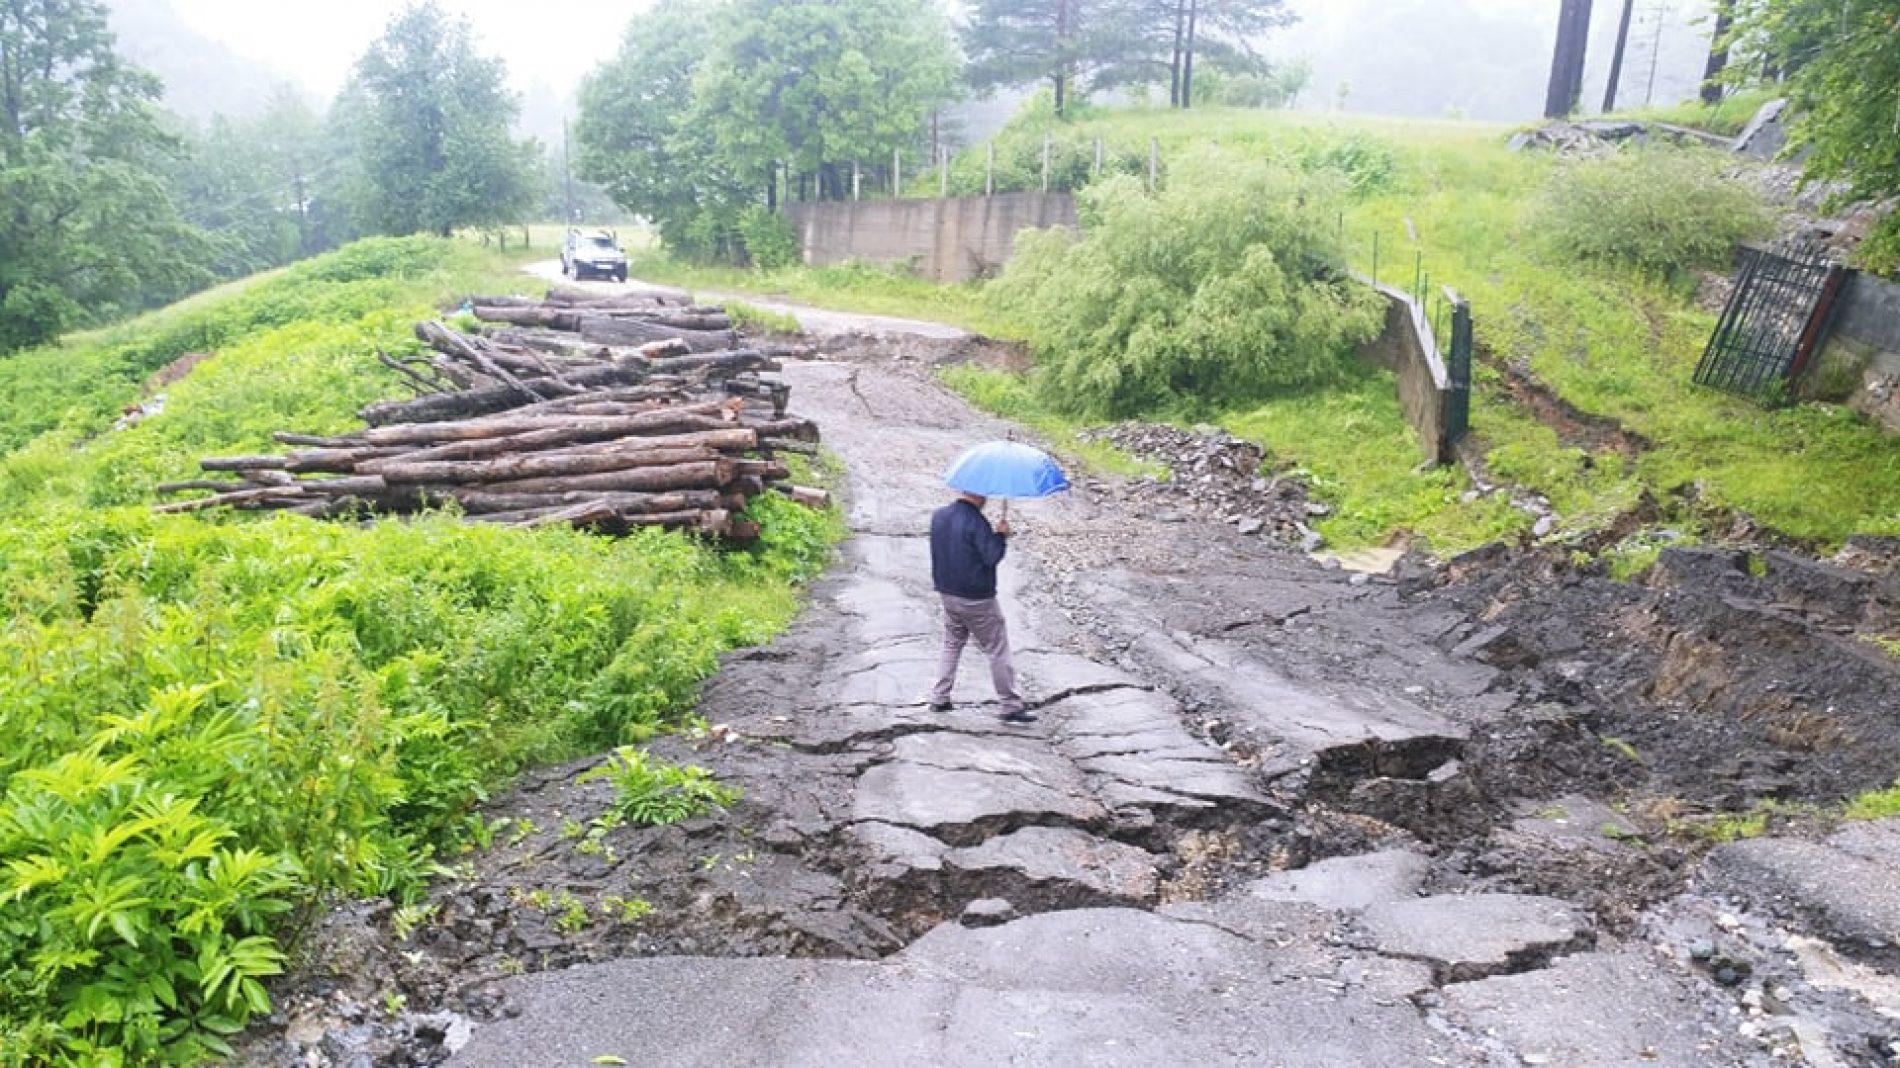 Obilne padavine izazvale brojne probleme; voda se povlači u TK